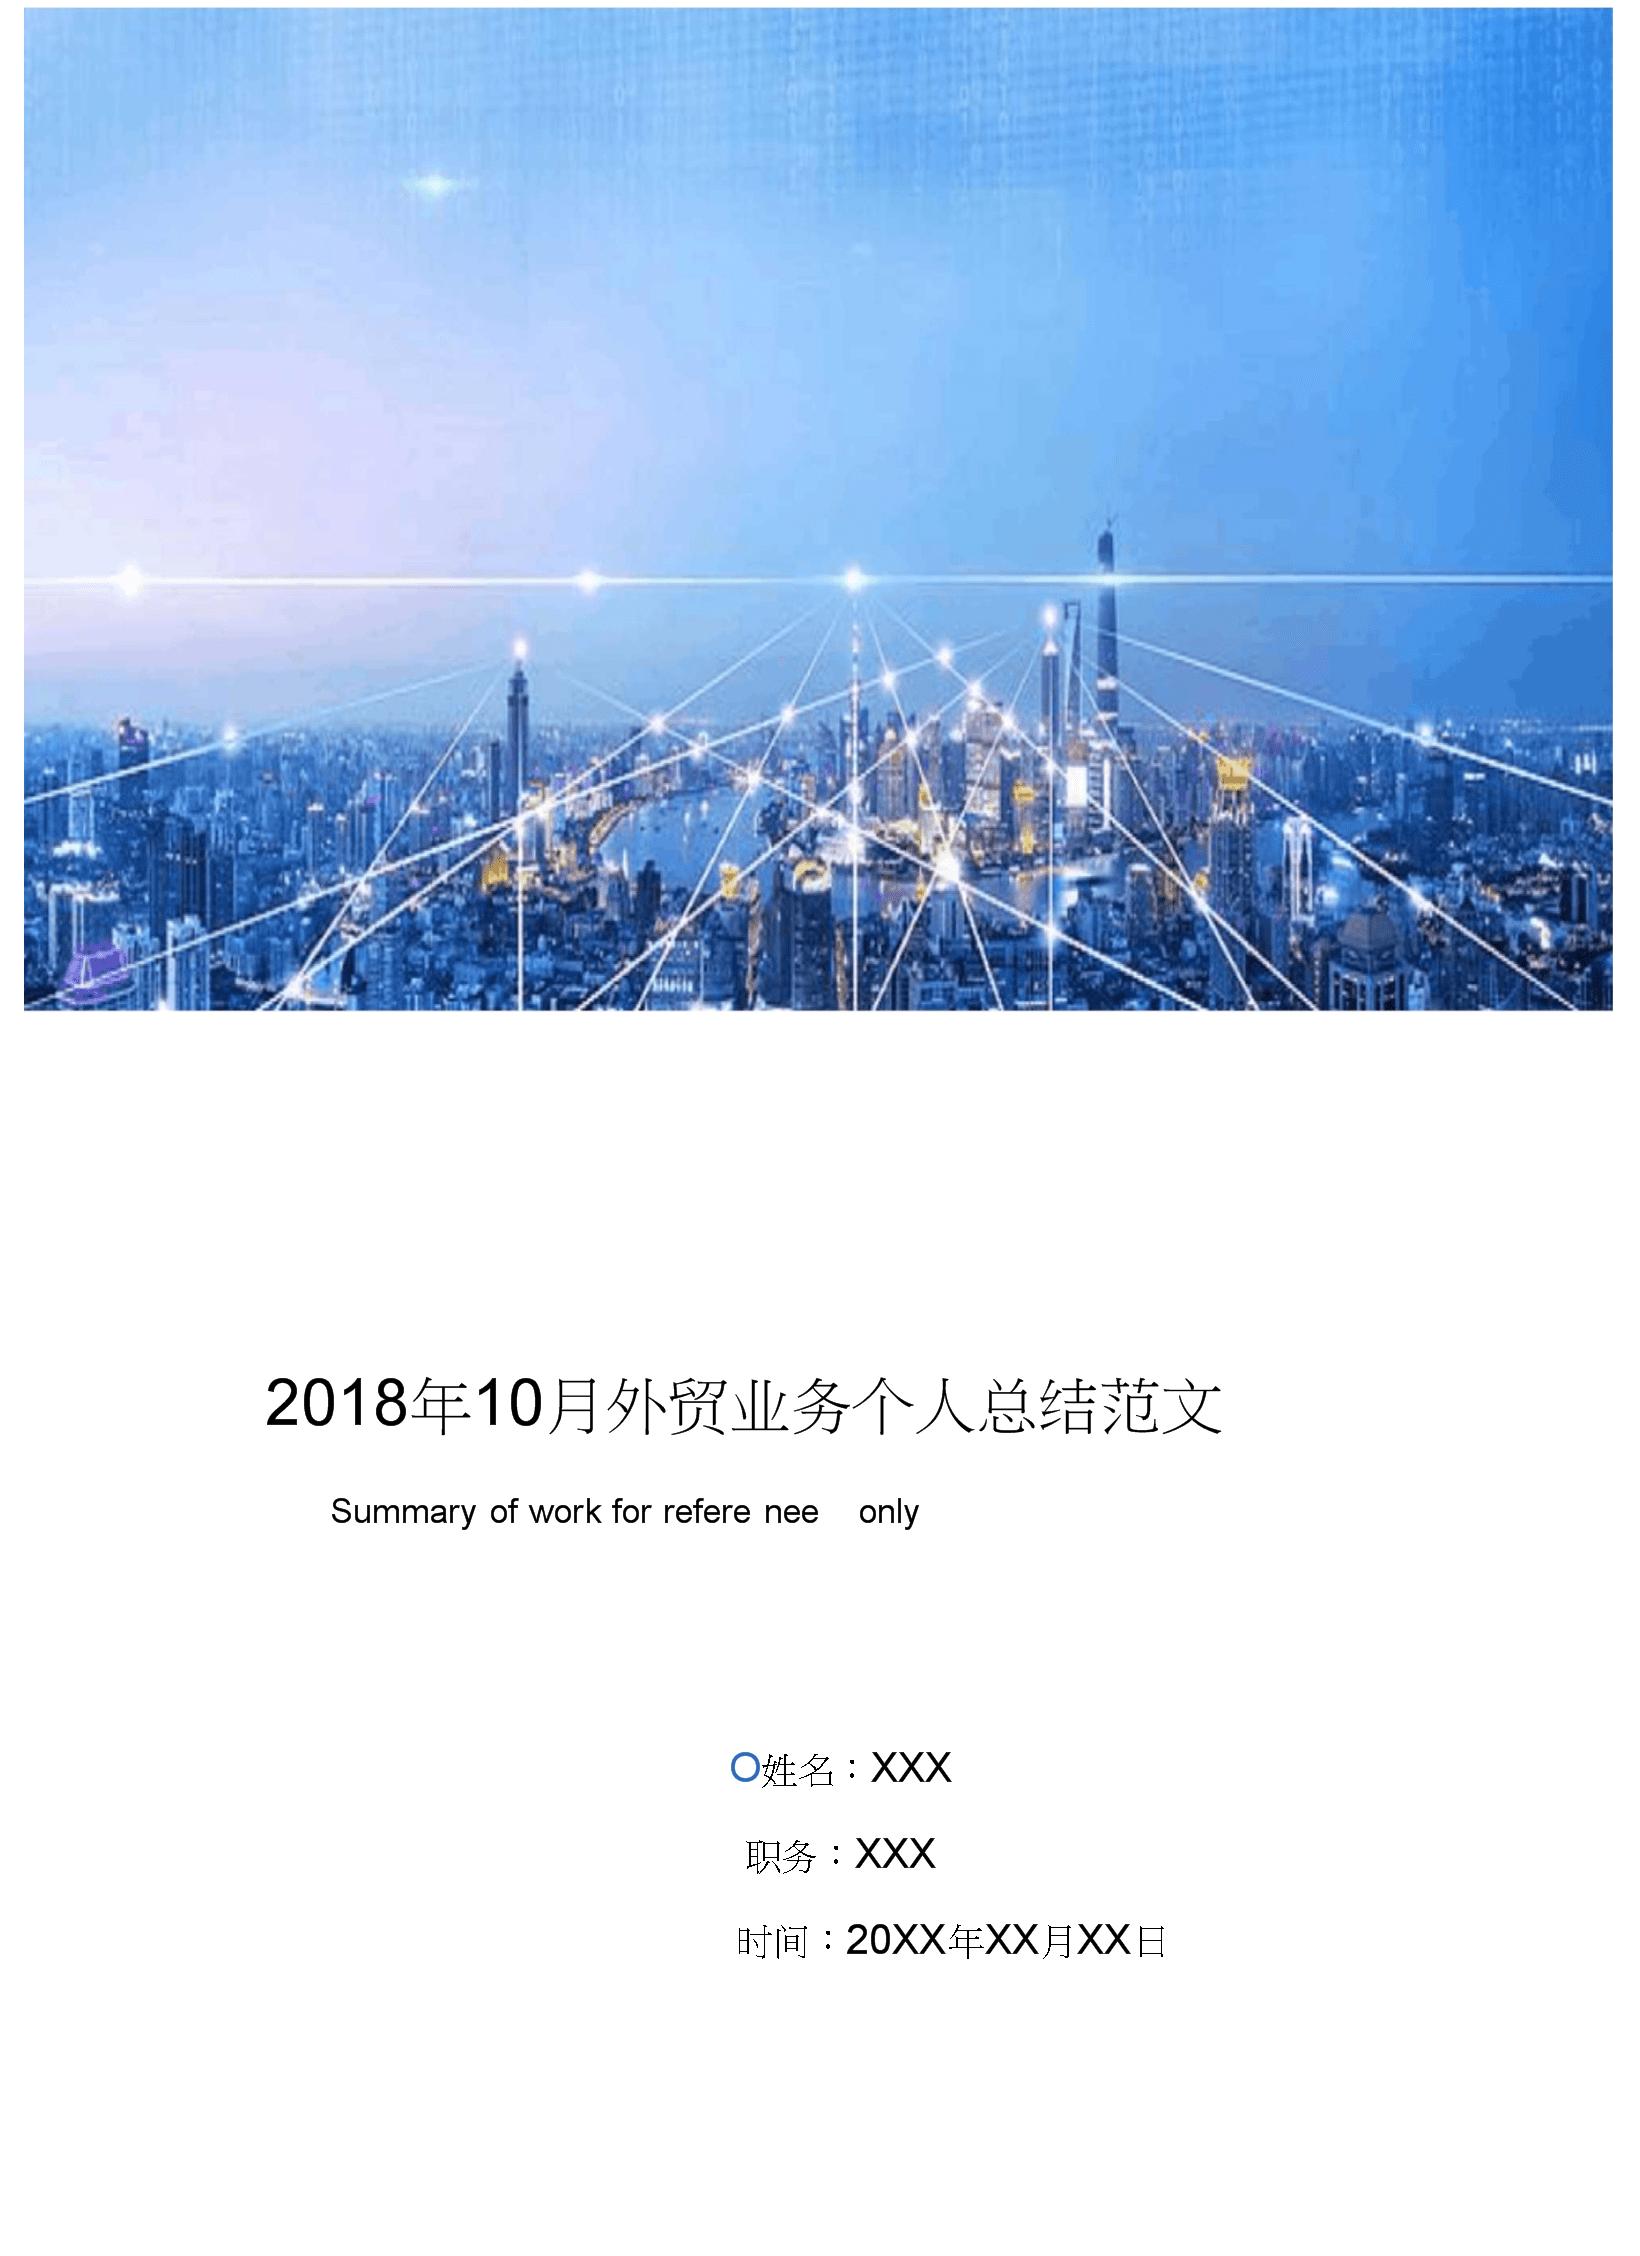 2018年10月外贸业务个人总结范文.docx